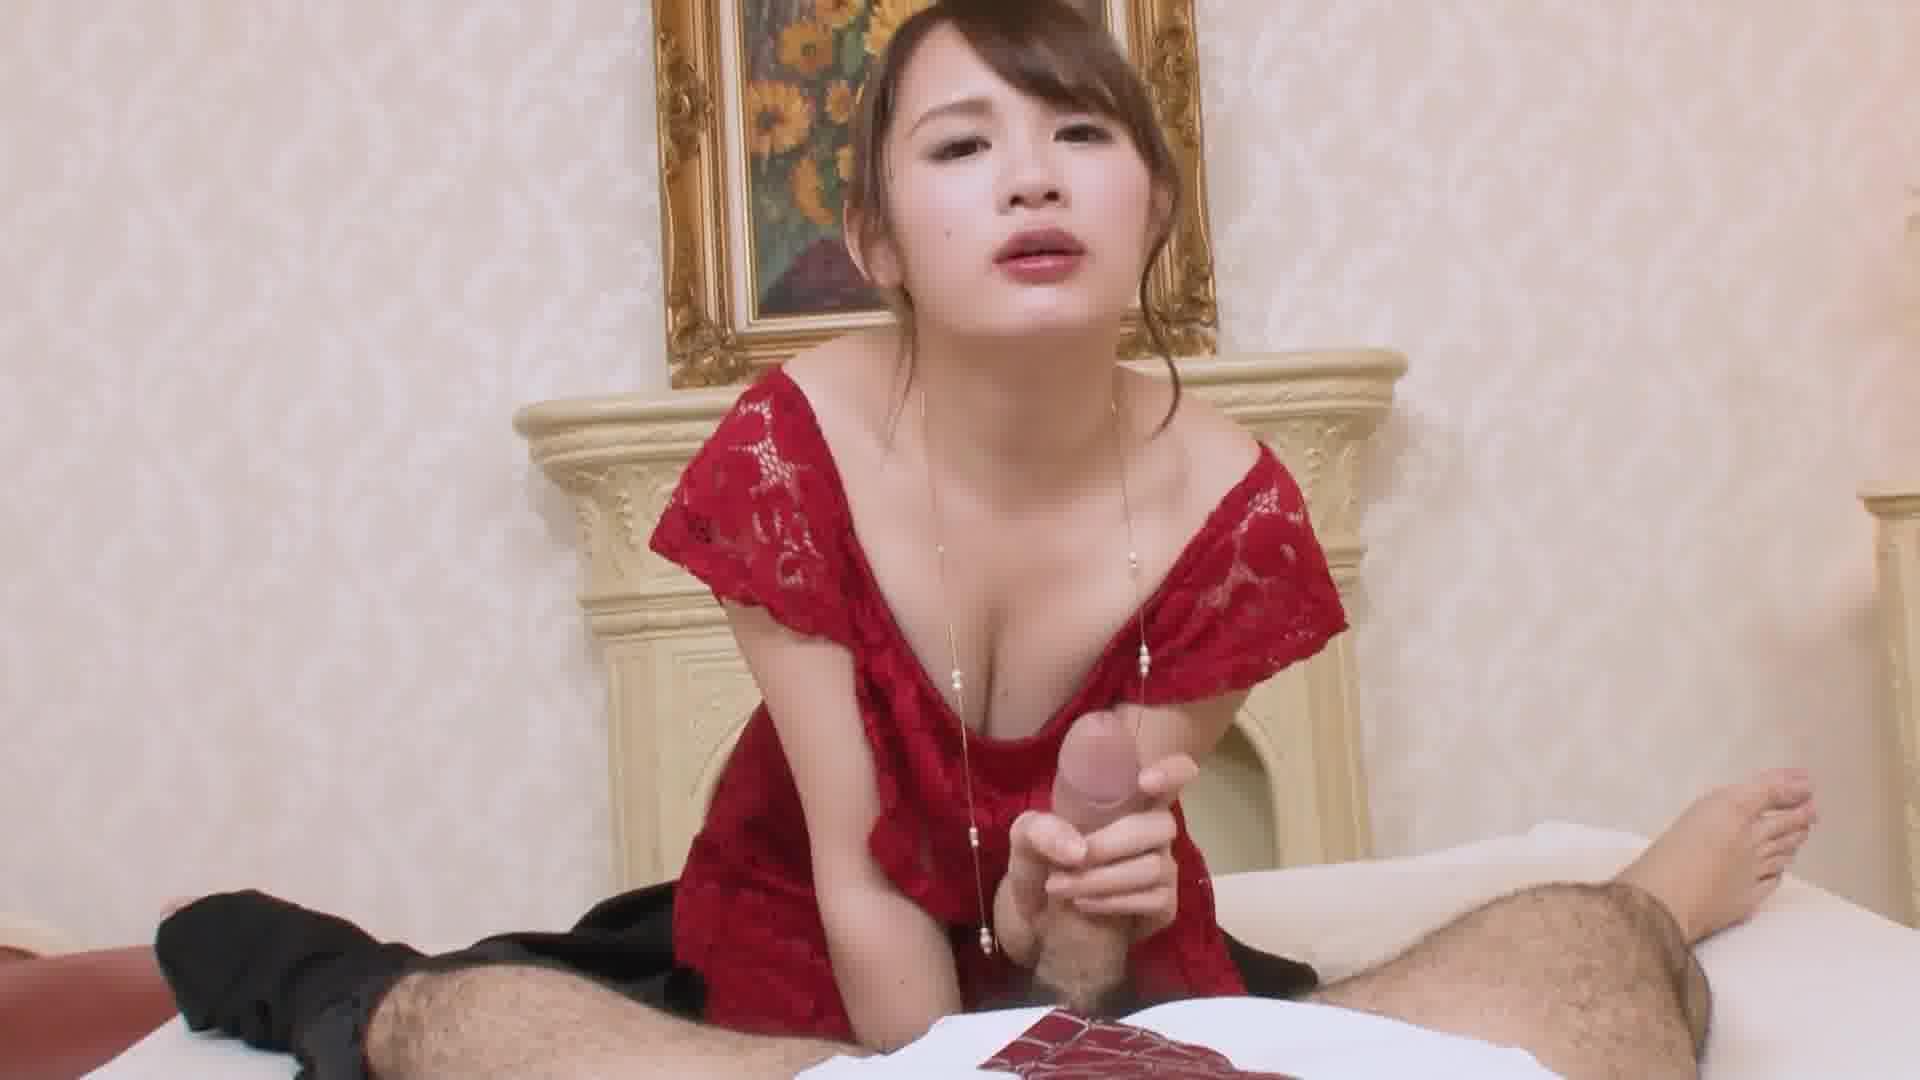 極上泡姫物語 Vol.85 - 小森みくろ【巨乳・パイパン・スレンダー】